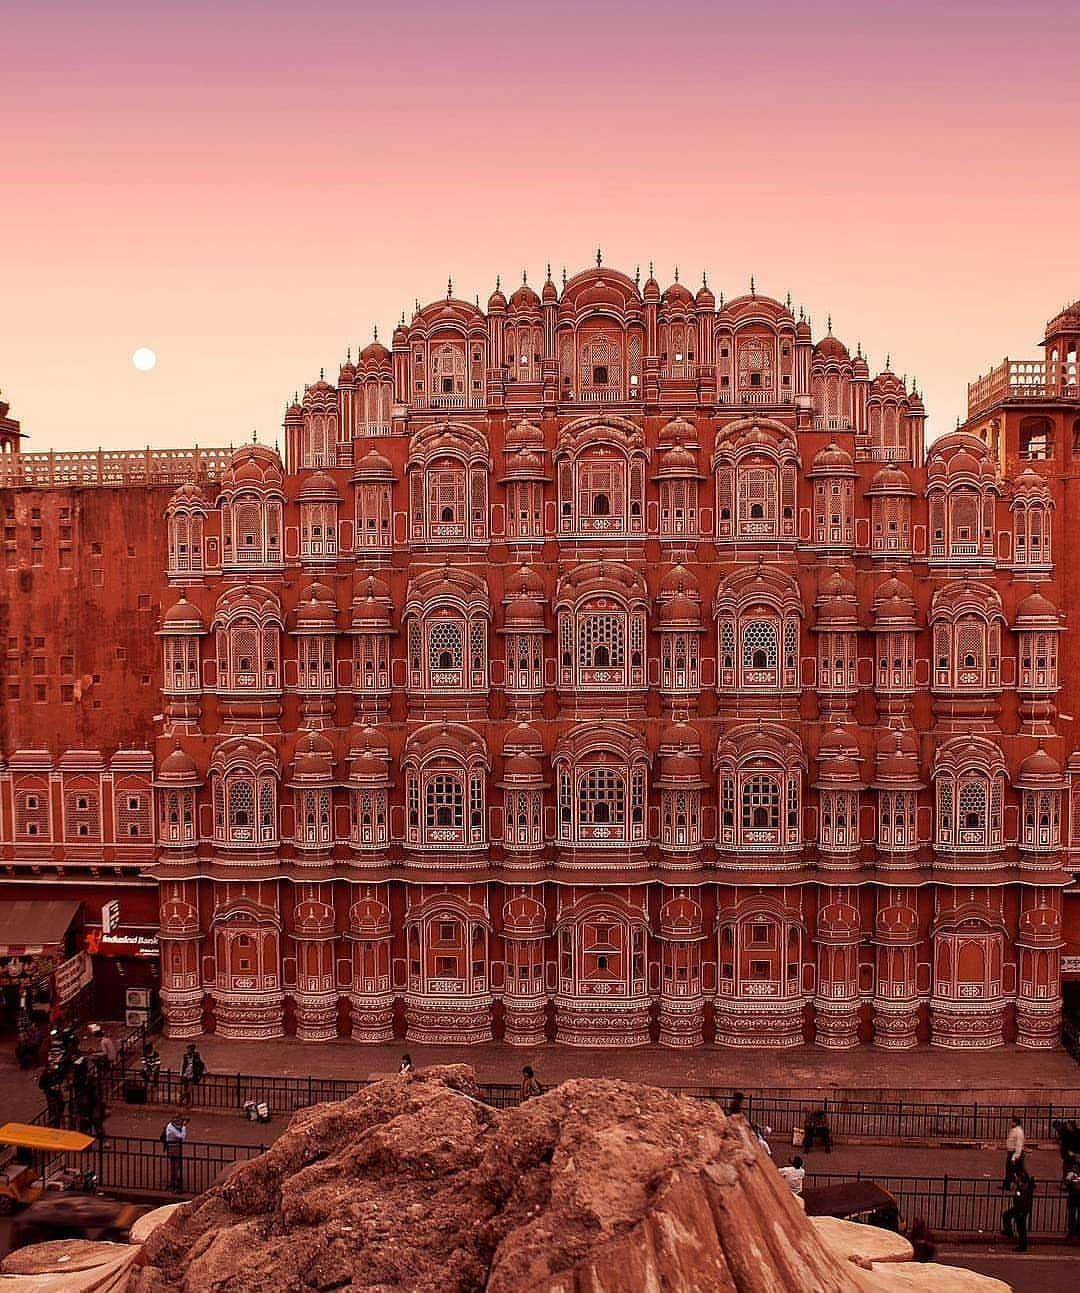 Photo of Hawa Mahal By Vinay Chand